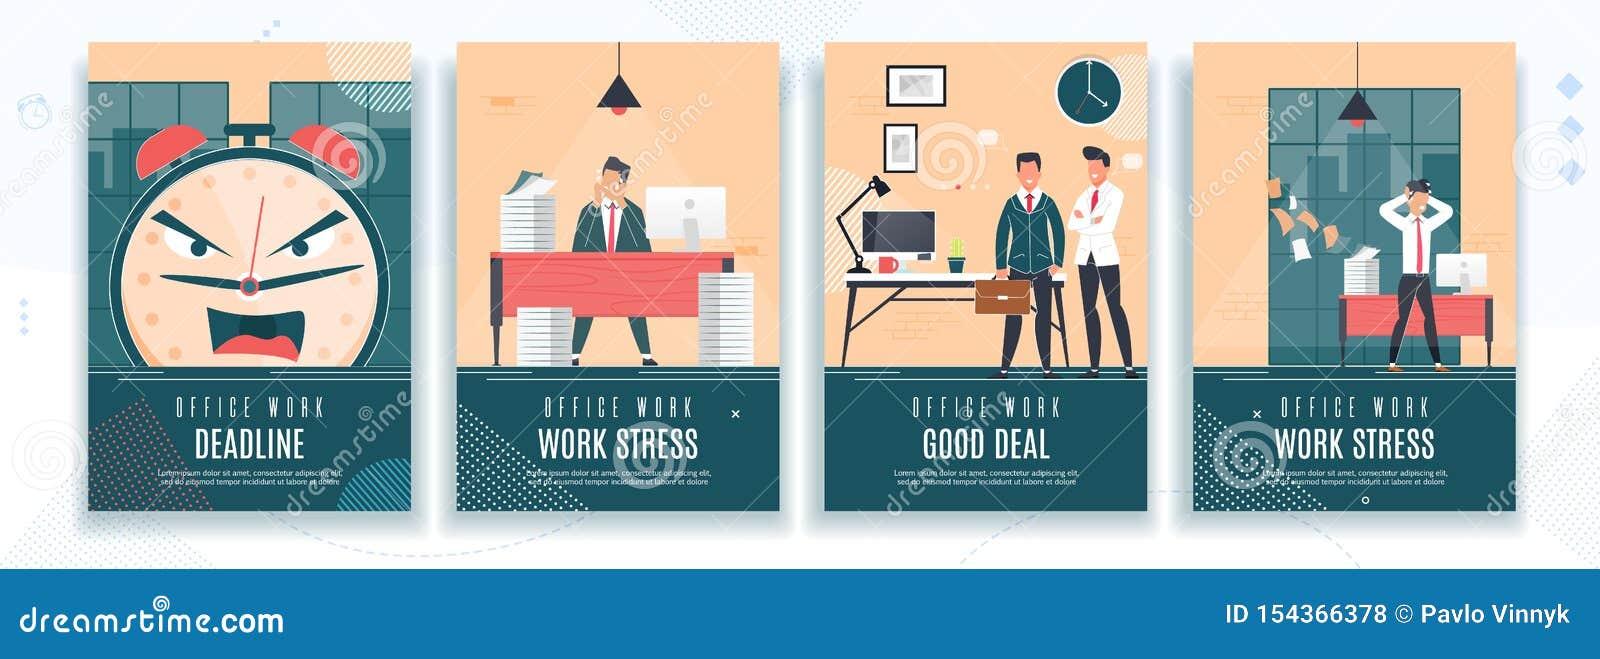 Date-butoir, contraintes du travail, ensemble plat de bannière de bonne affaire